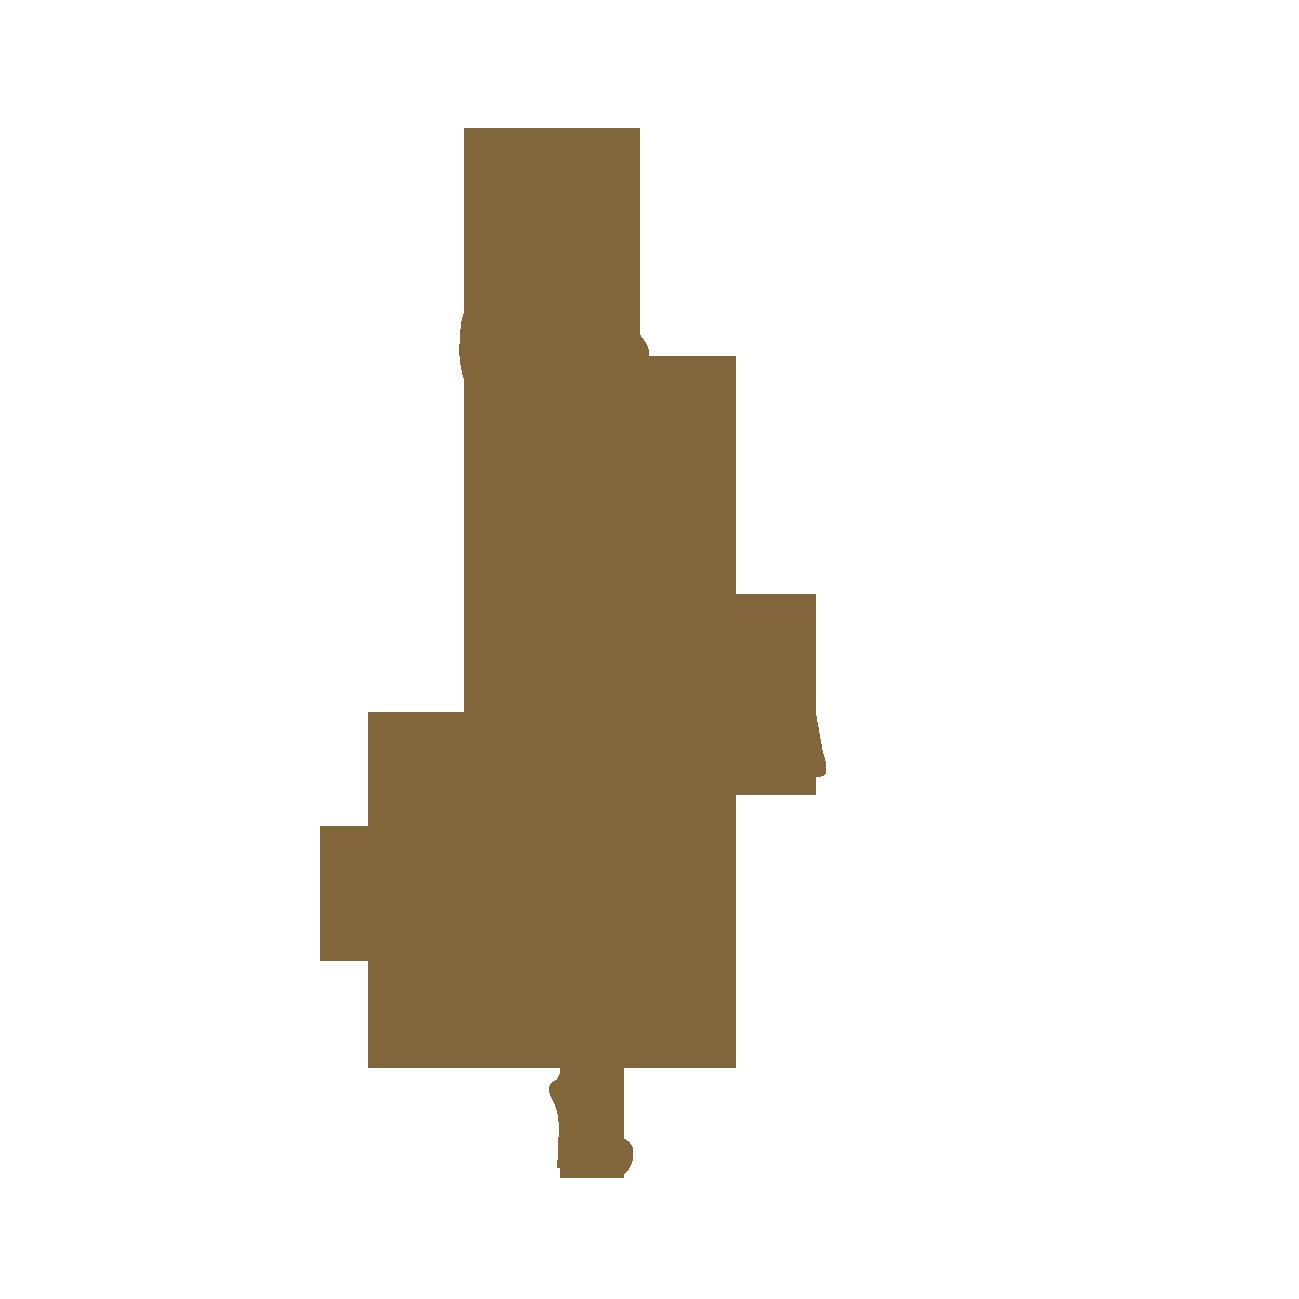 バッグを持ったスカートの女性のシルエット